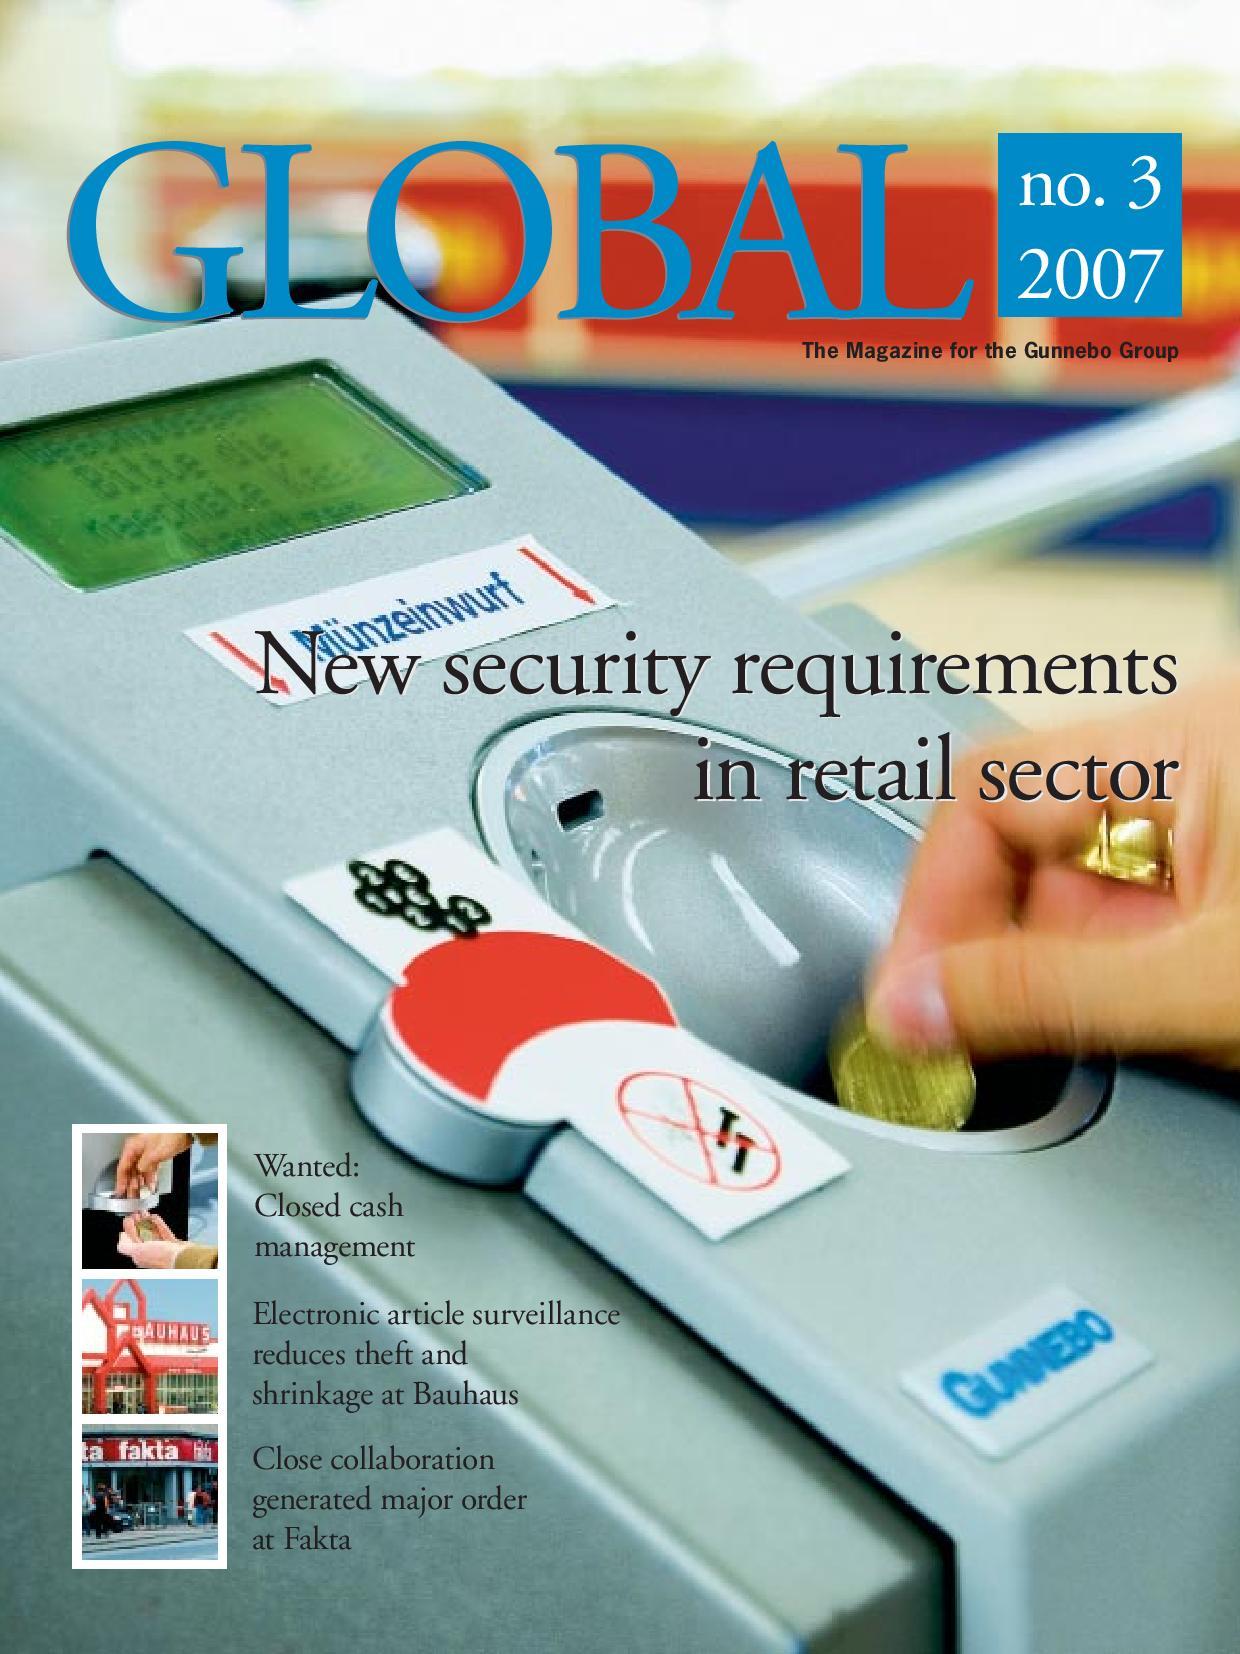 Global-2007-03-GB